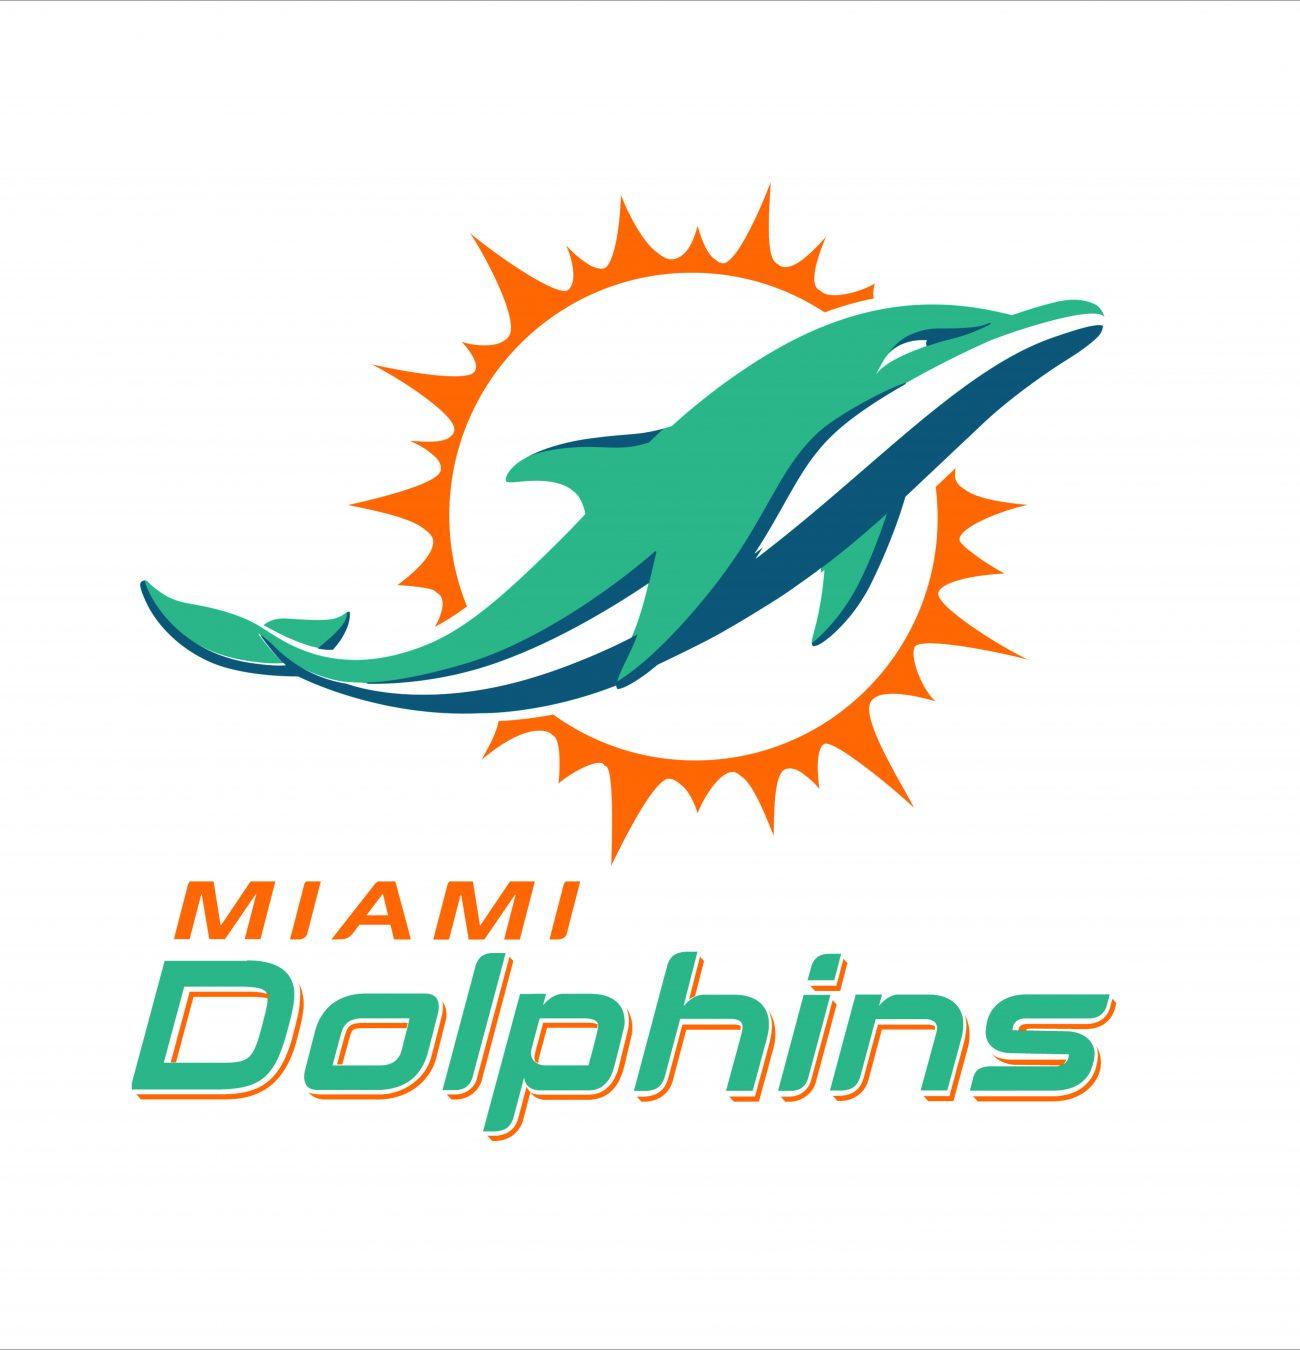 Miami Dolphins1